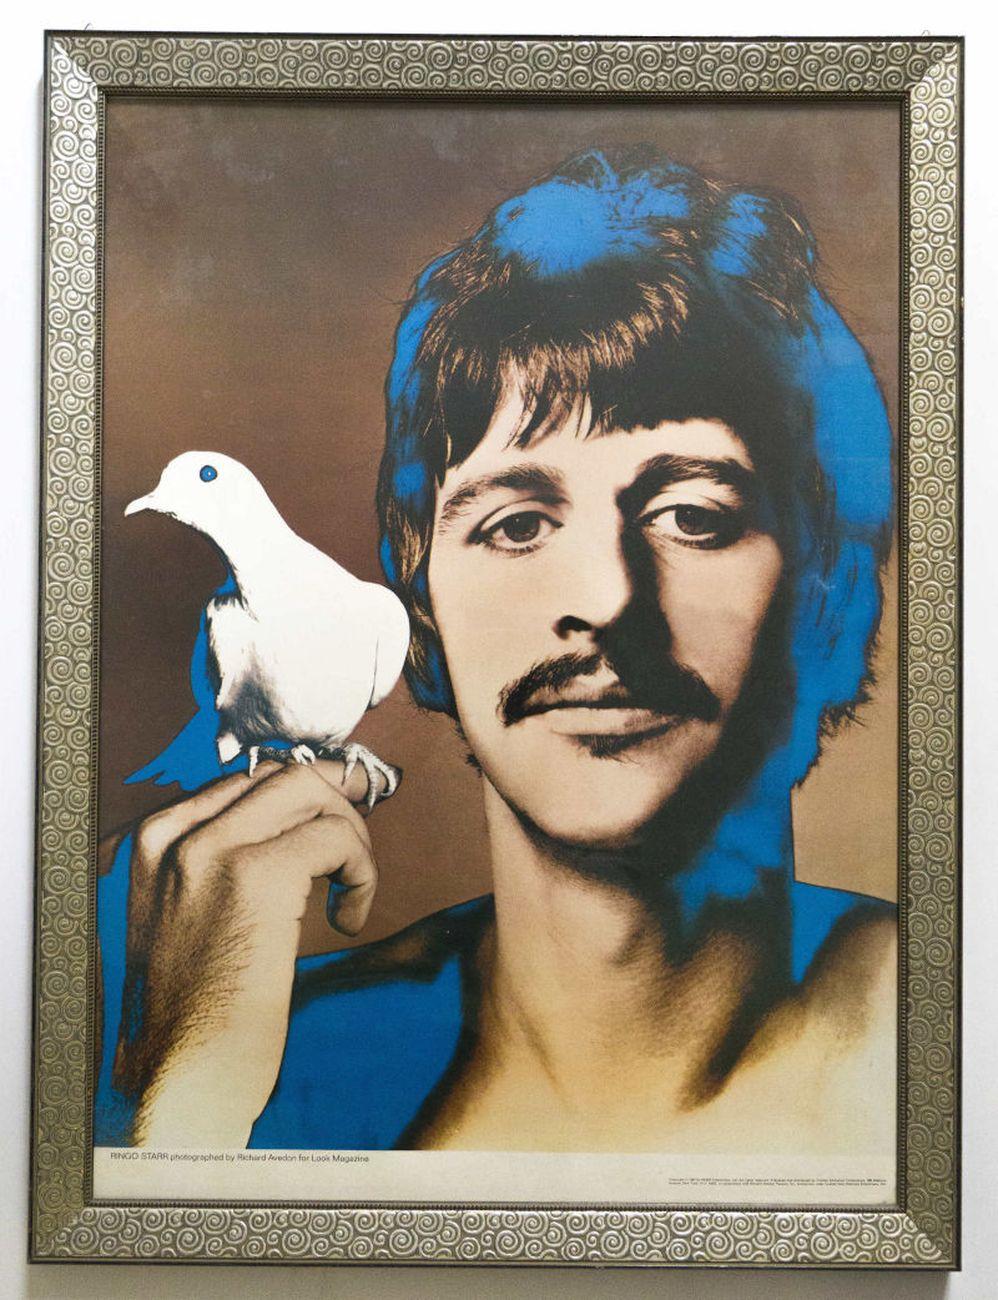 Richard Avedon, [Ritratti psichedelici dei Beatles. Ringo Starr], 1967, serie di quattro poster. Milano, Collezione Italo Rota